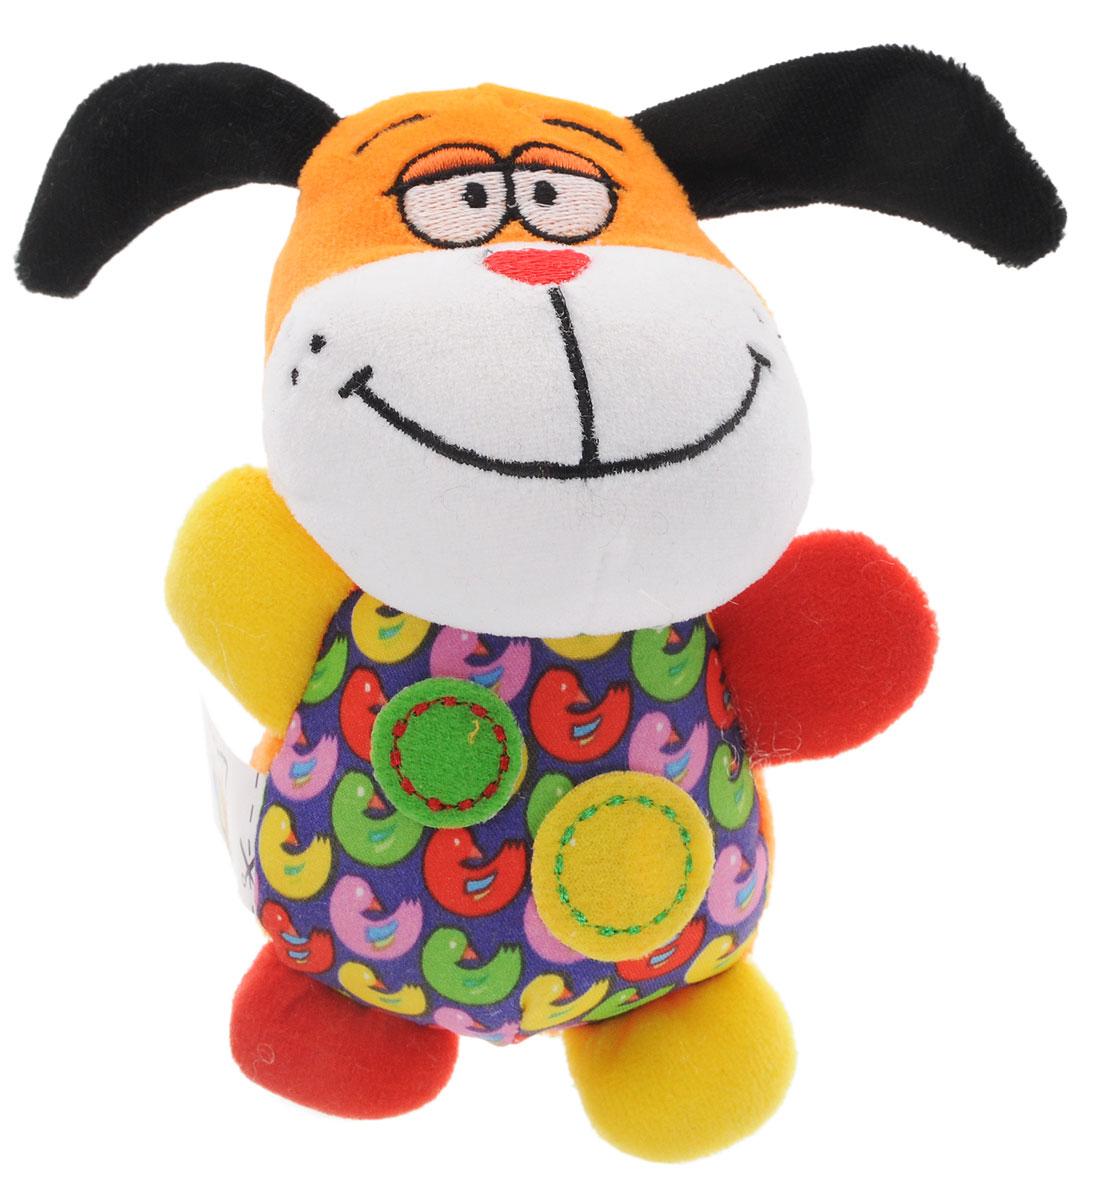 Bondibon Мягкая игрушка-погремушка СобачкаВВ1280_собакаМягкая игрушка-погремушка Собачка не оставит вашего малыша равнодушным и не позволит ему скучать. Игрушка выполнена из высококачественных текстильных материалов и мягкого наполнителя. В теле Собачки находится элемент погремушки, в котором слышно, как при тряске перекатываются маленькие шарики. Внутри ушек спрятан шуршащий наполнитель. Яркая игрушка формирует тактильные ощущения, восприятие звуков, цветов и форм. В процессе игры развивается мелкая моторика и воображение вашего ребенка.